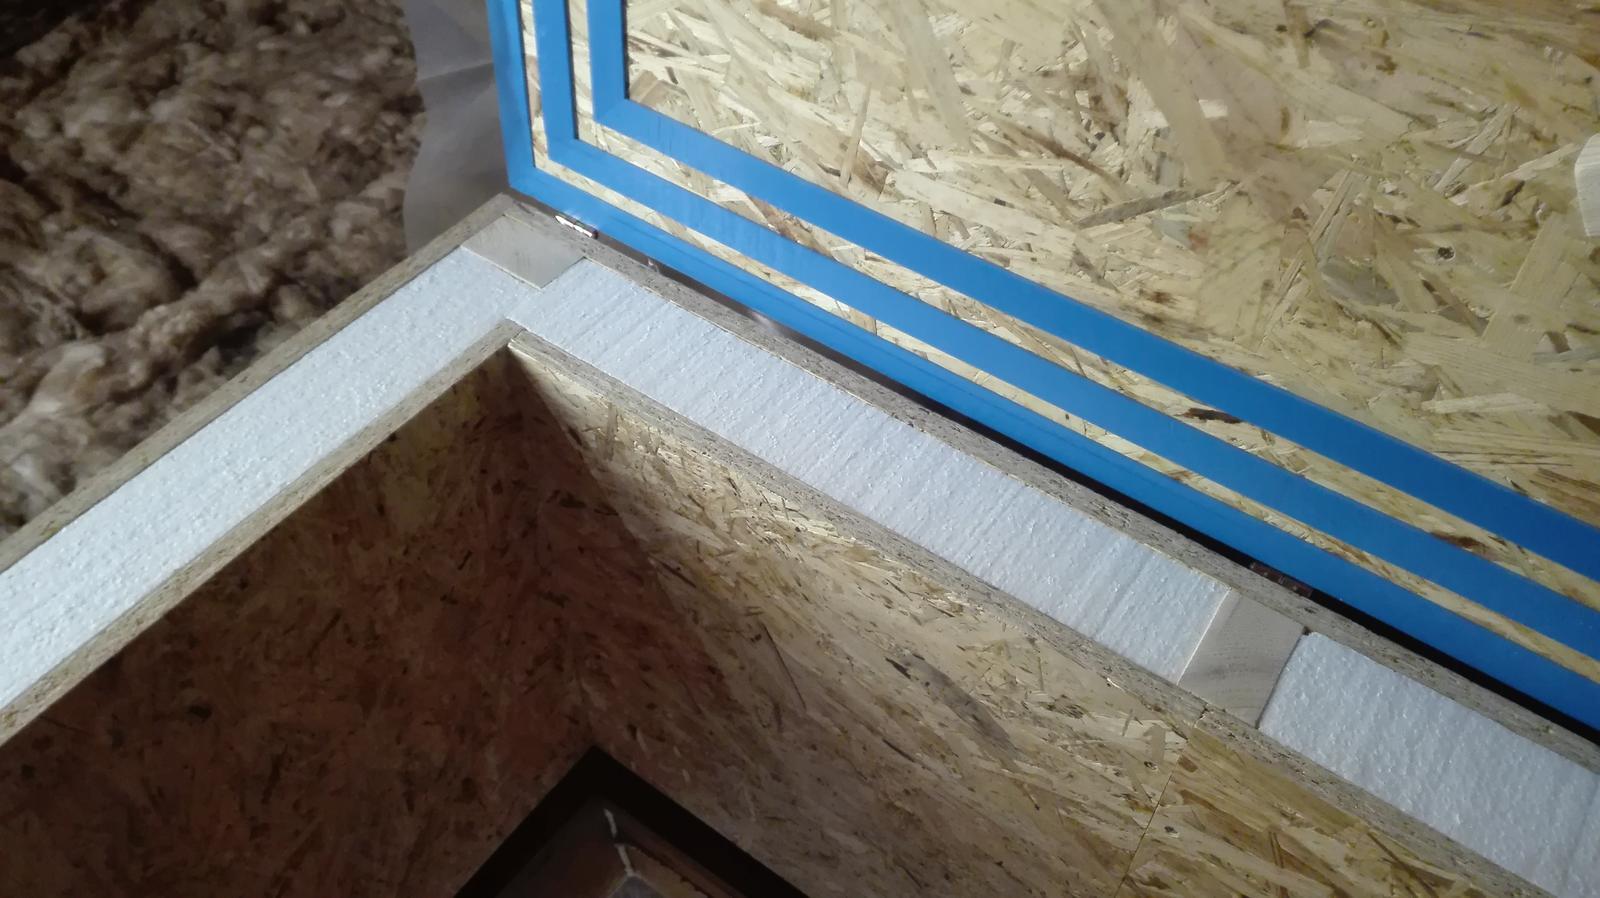 Zlepsenie tepelnoizolacnych vlastností tramoveho stropu - Obrázok č. 48